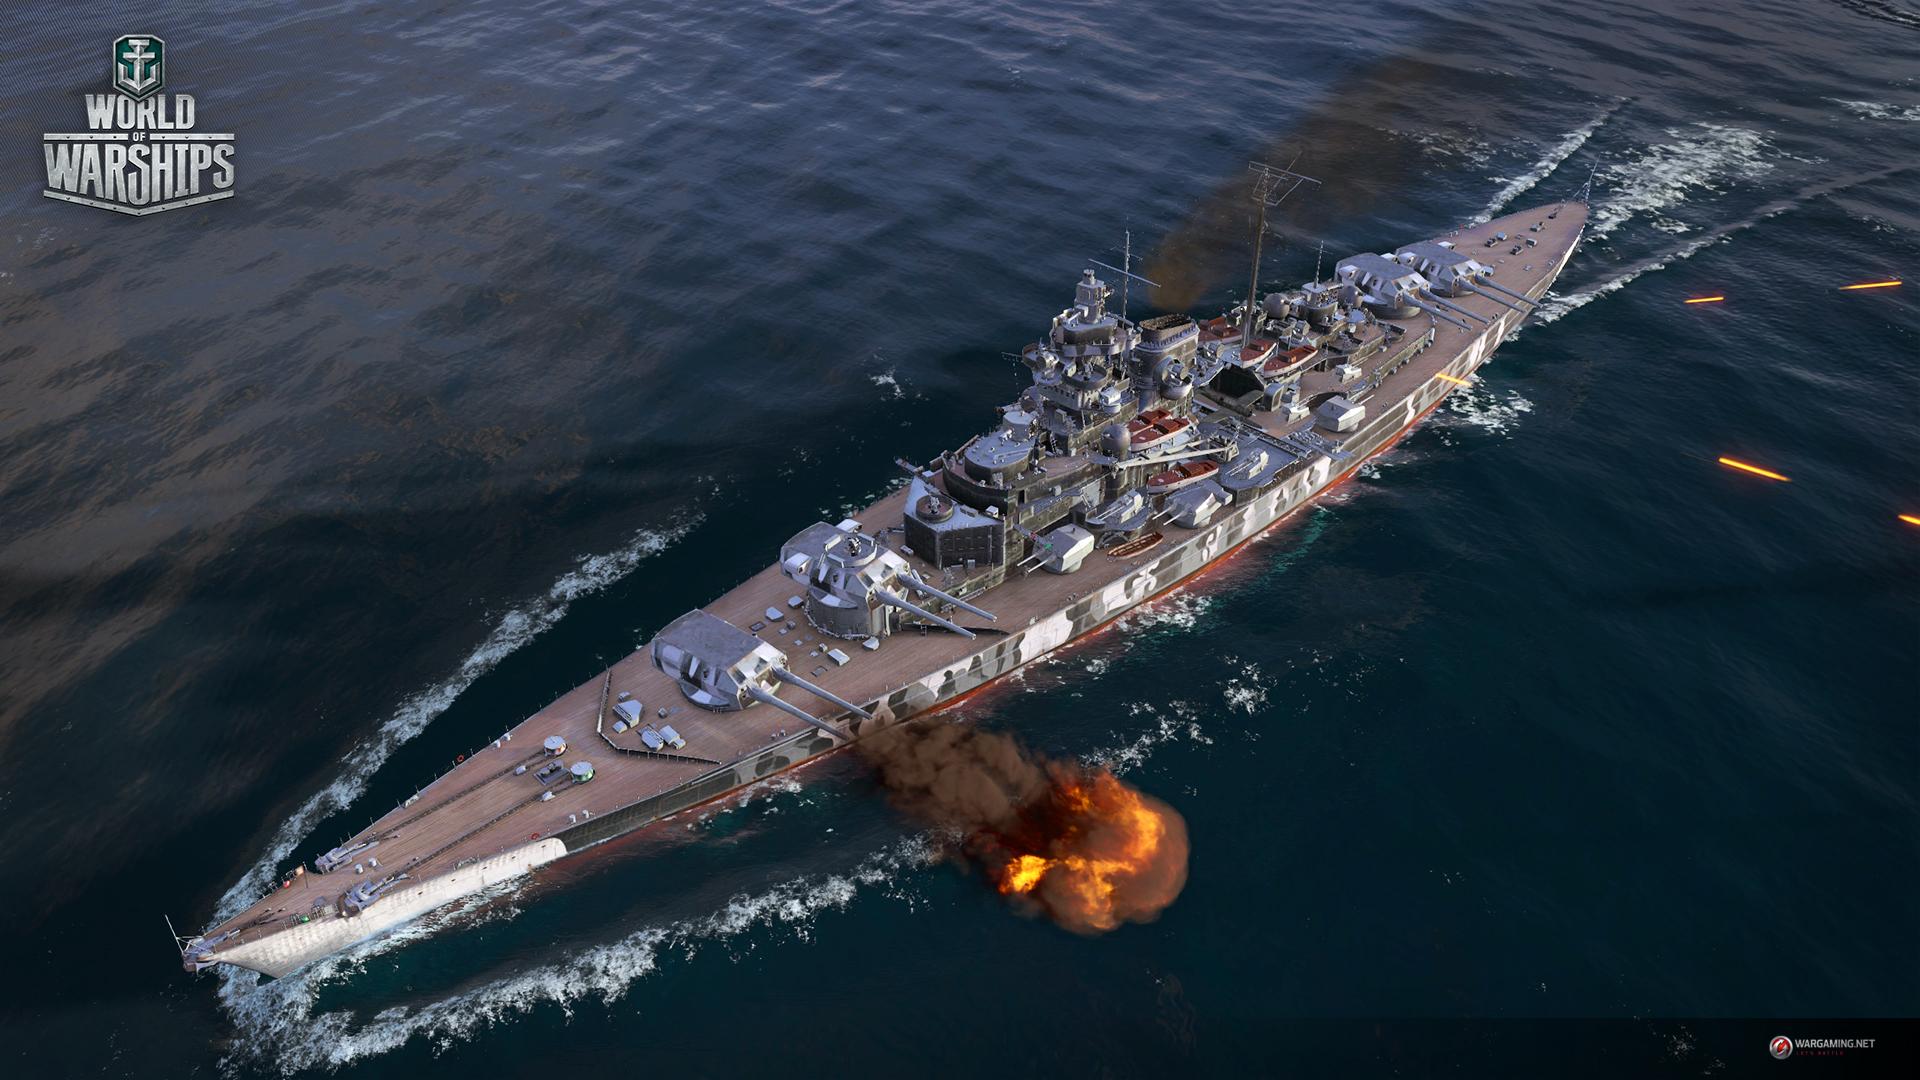 World of Warships will 60 Euro für deutsches Schlachtschiff Tirpitz